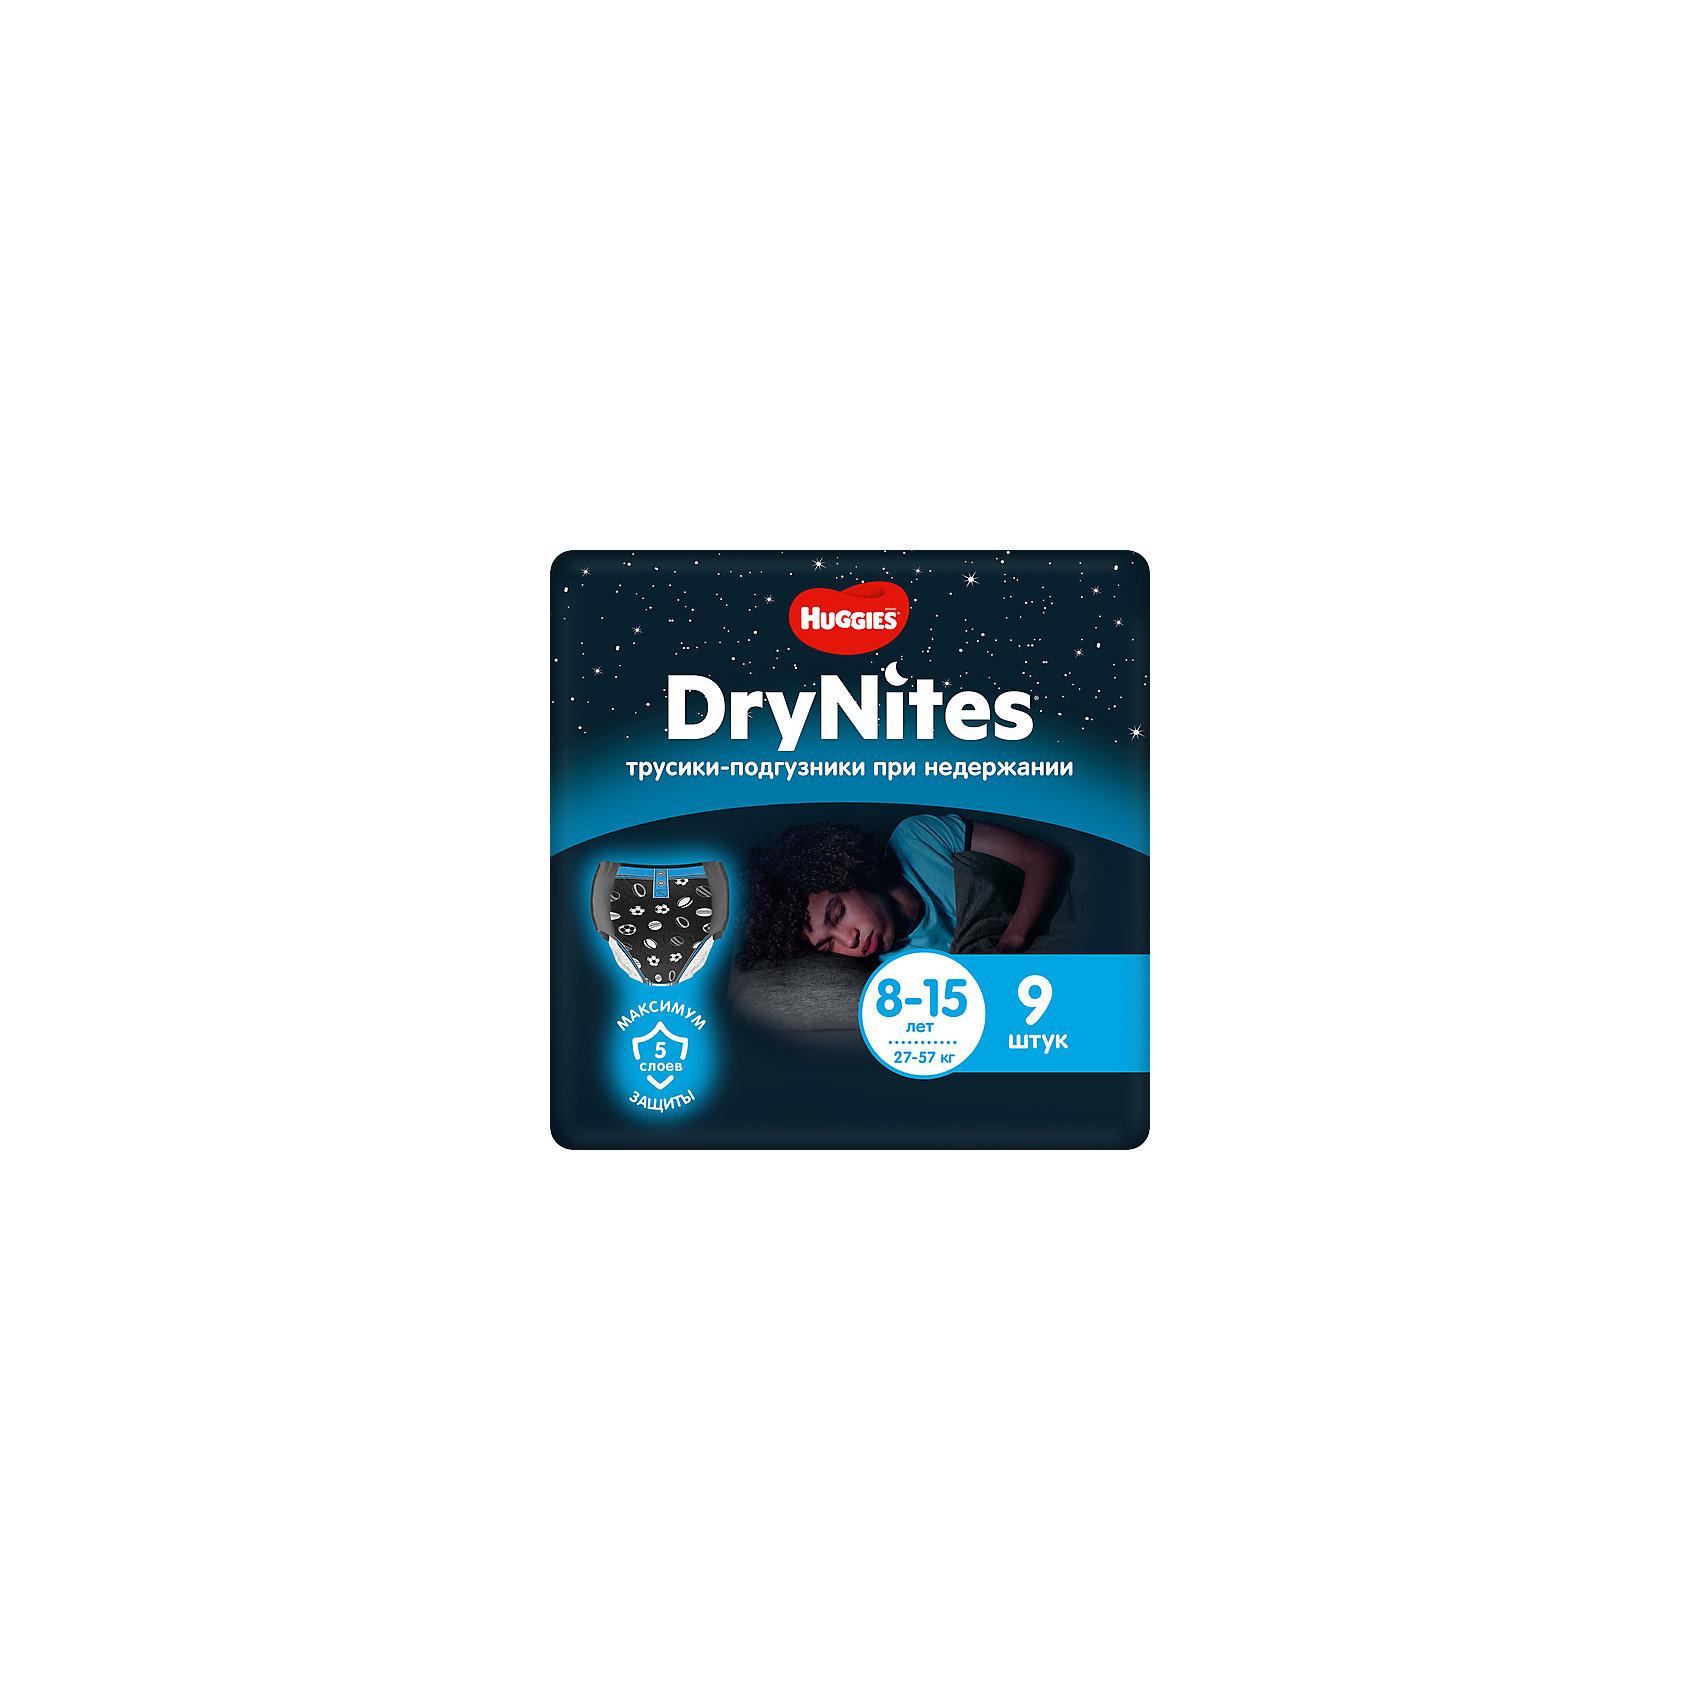 Трусики Huggies DryNites для мальчиков 8-15 лет, 27-57 кг, 9 шт.Трусики Huggies DryNites мягкие на ощупь, тонкие и незаметные, по выкройке, расцветке и рисункам на них напоминают обычное нижнее белье.<br><br>Специальный впитывающий слой, расположение и распределение которого учитывает анатомические особенности мальчиков и девочек, и защитные барьерчики позволяют обеспечивать надежную защиту на всю ночь. Благодаря эластичным вставкам по бокам трусики комфортны и хорошо сидят. Они не протекают, поэтому теперь родителям не придется вставать среди ночи, чтобы сменить постель и пижаму ребенка.<br><br>Дополнительная информация:<br><br>ночные трусики для детей, страдающих недержанием;<br>впитывающий слой и защитные барьерчики обеспечивают надежную защиту на всю ночь;<br>по выкройке и по расцветке напоминают обычное нижнее белье;<br>разный дизайн для мальчиков и девочек;<br><br>Для мальчиков<br>Размер: для детей 8-15 лет (27-57 кг)<br>В упаковке: 9 шт.<br><br>Трусики Huggies DryNites для мальчиков 8-15 лет, 27-57 кг, 9 шт. можно купить в нашем интернет-магазине.<br><br>Ширина мм: 280<br>Глубина мм: 130<br>Высота мм: 125<br>Вес г: 519<br>Возраст от месяцев: 96<br>Возраст до месяцев: 180<br>Пол: Женский<br>Возраст: Детский<br>SKU: 3361332